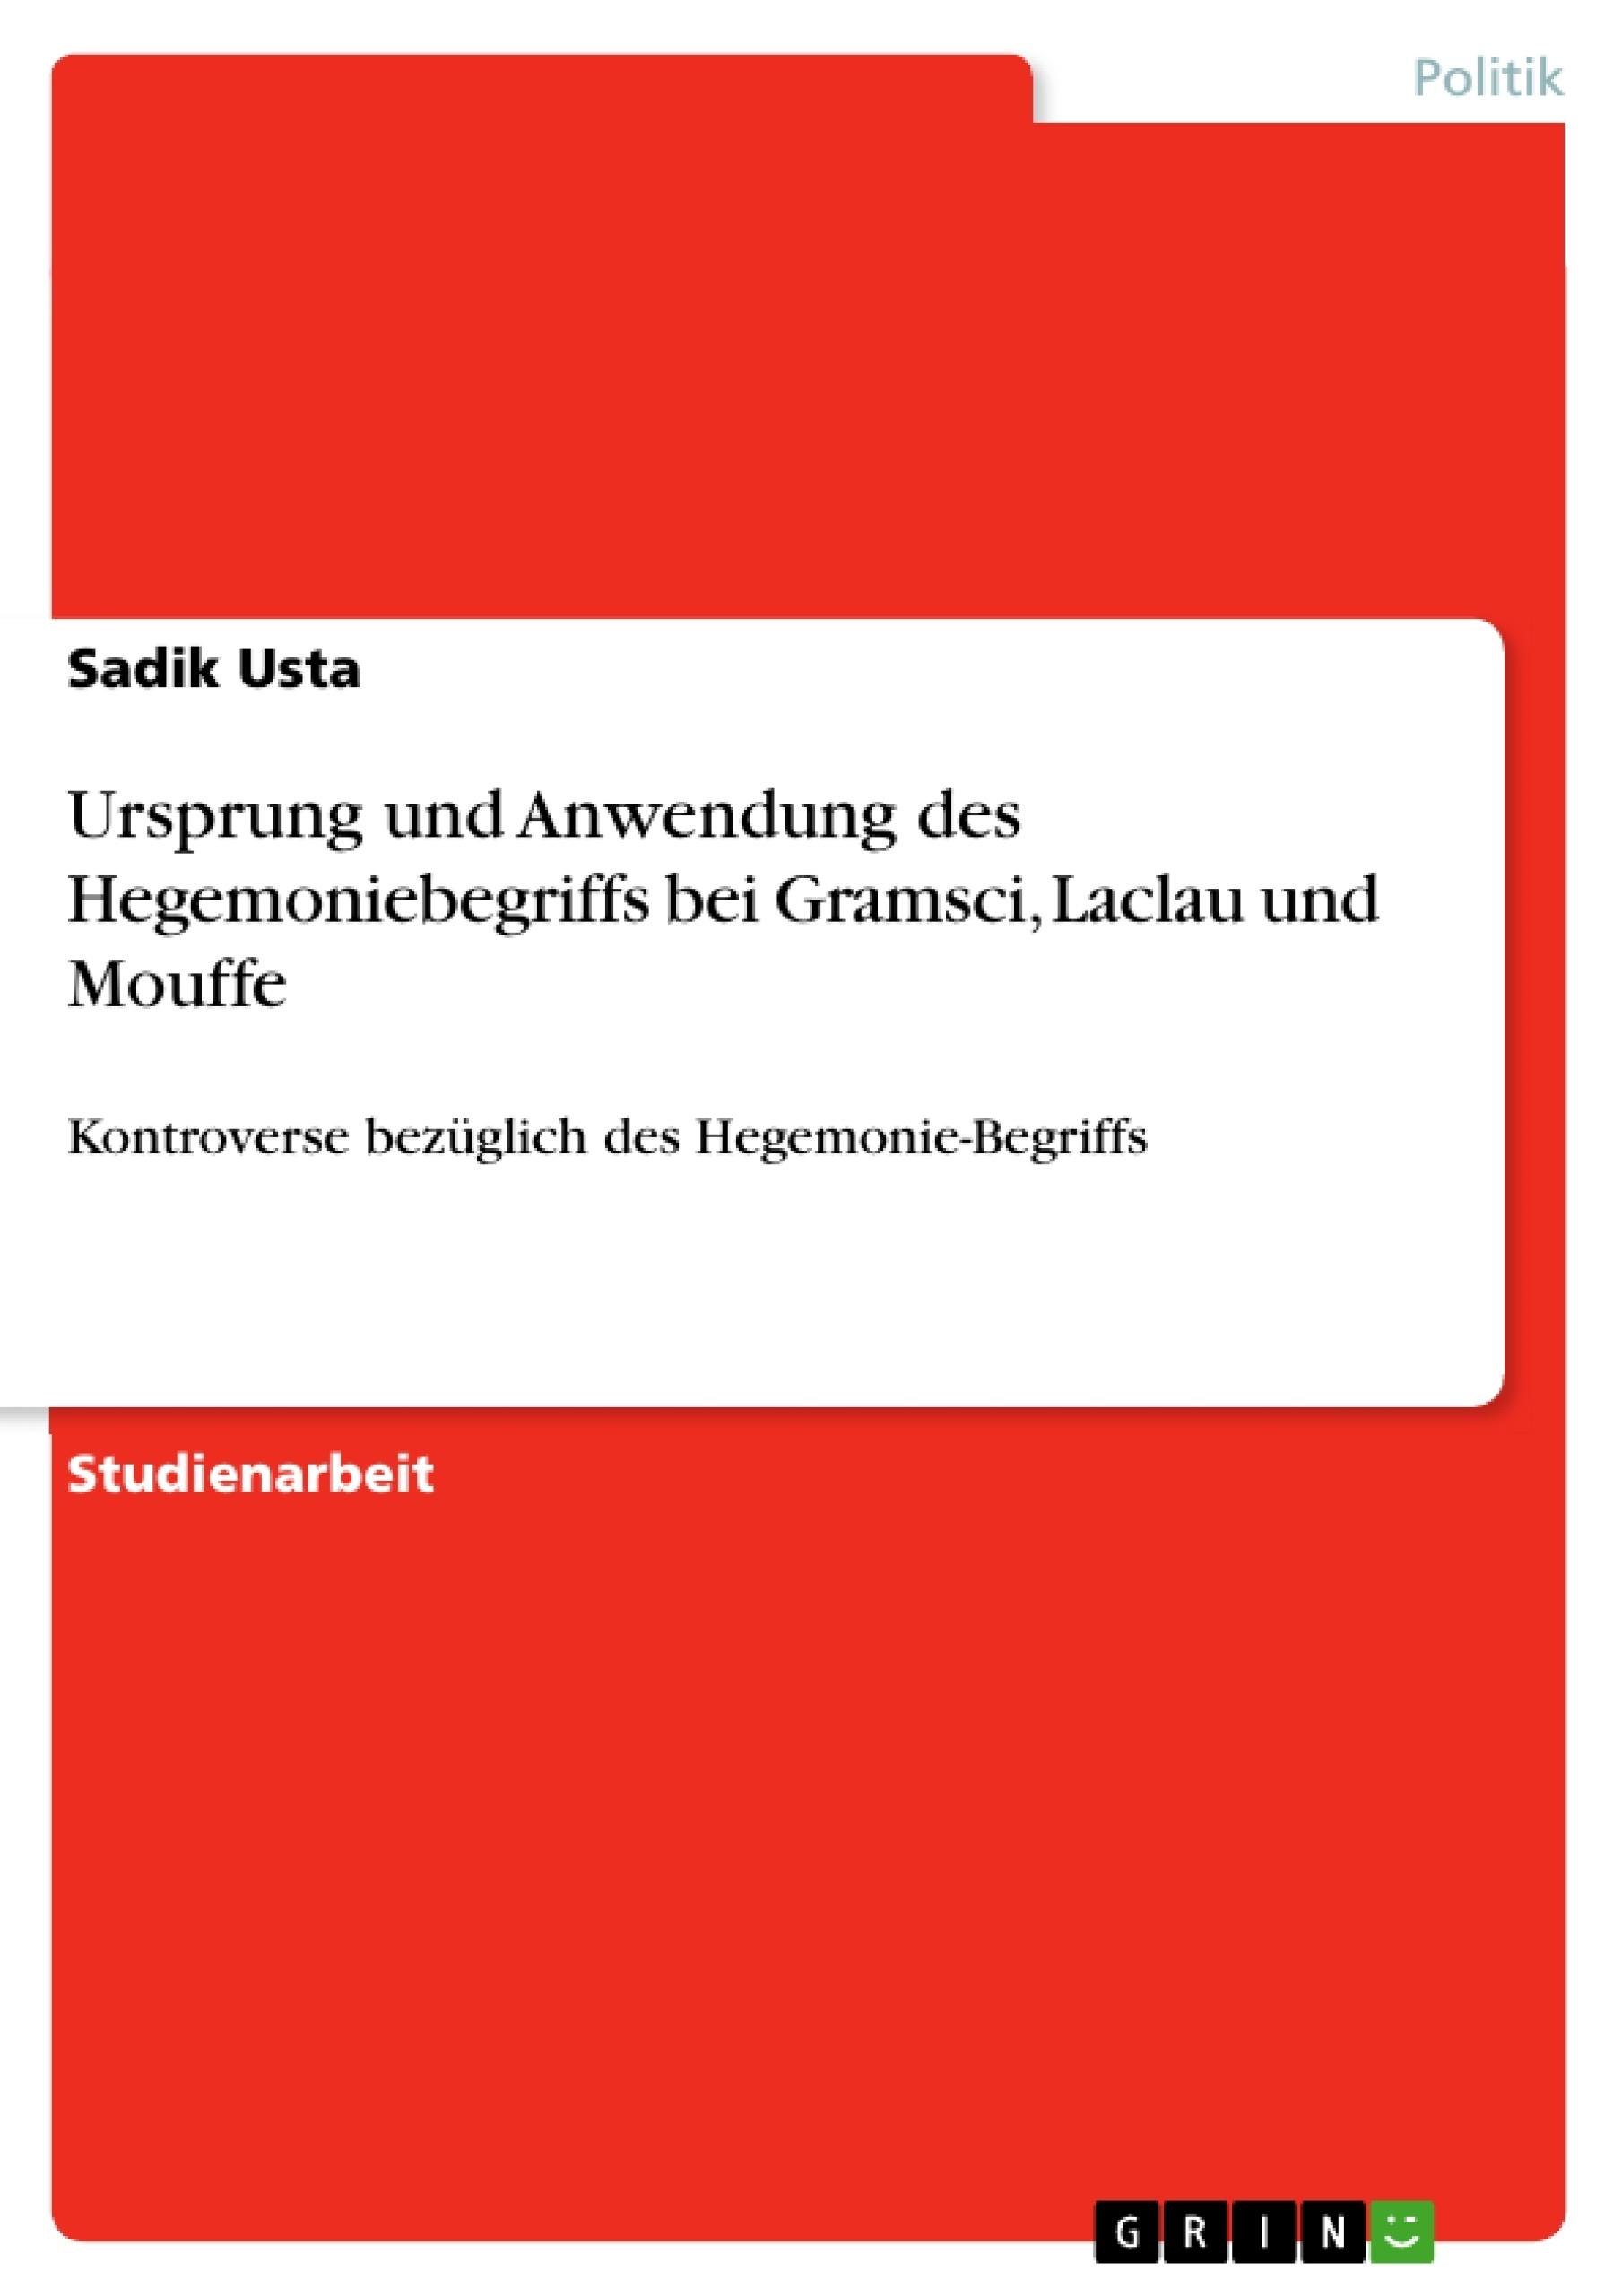 Titel: Ursprung und Anwendung des Hegemoniebegriffs bei Gramsci, Laclau und Mouffe